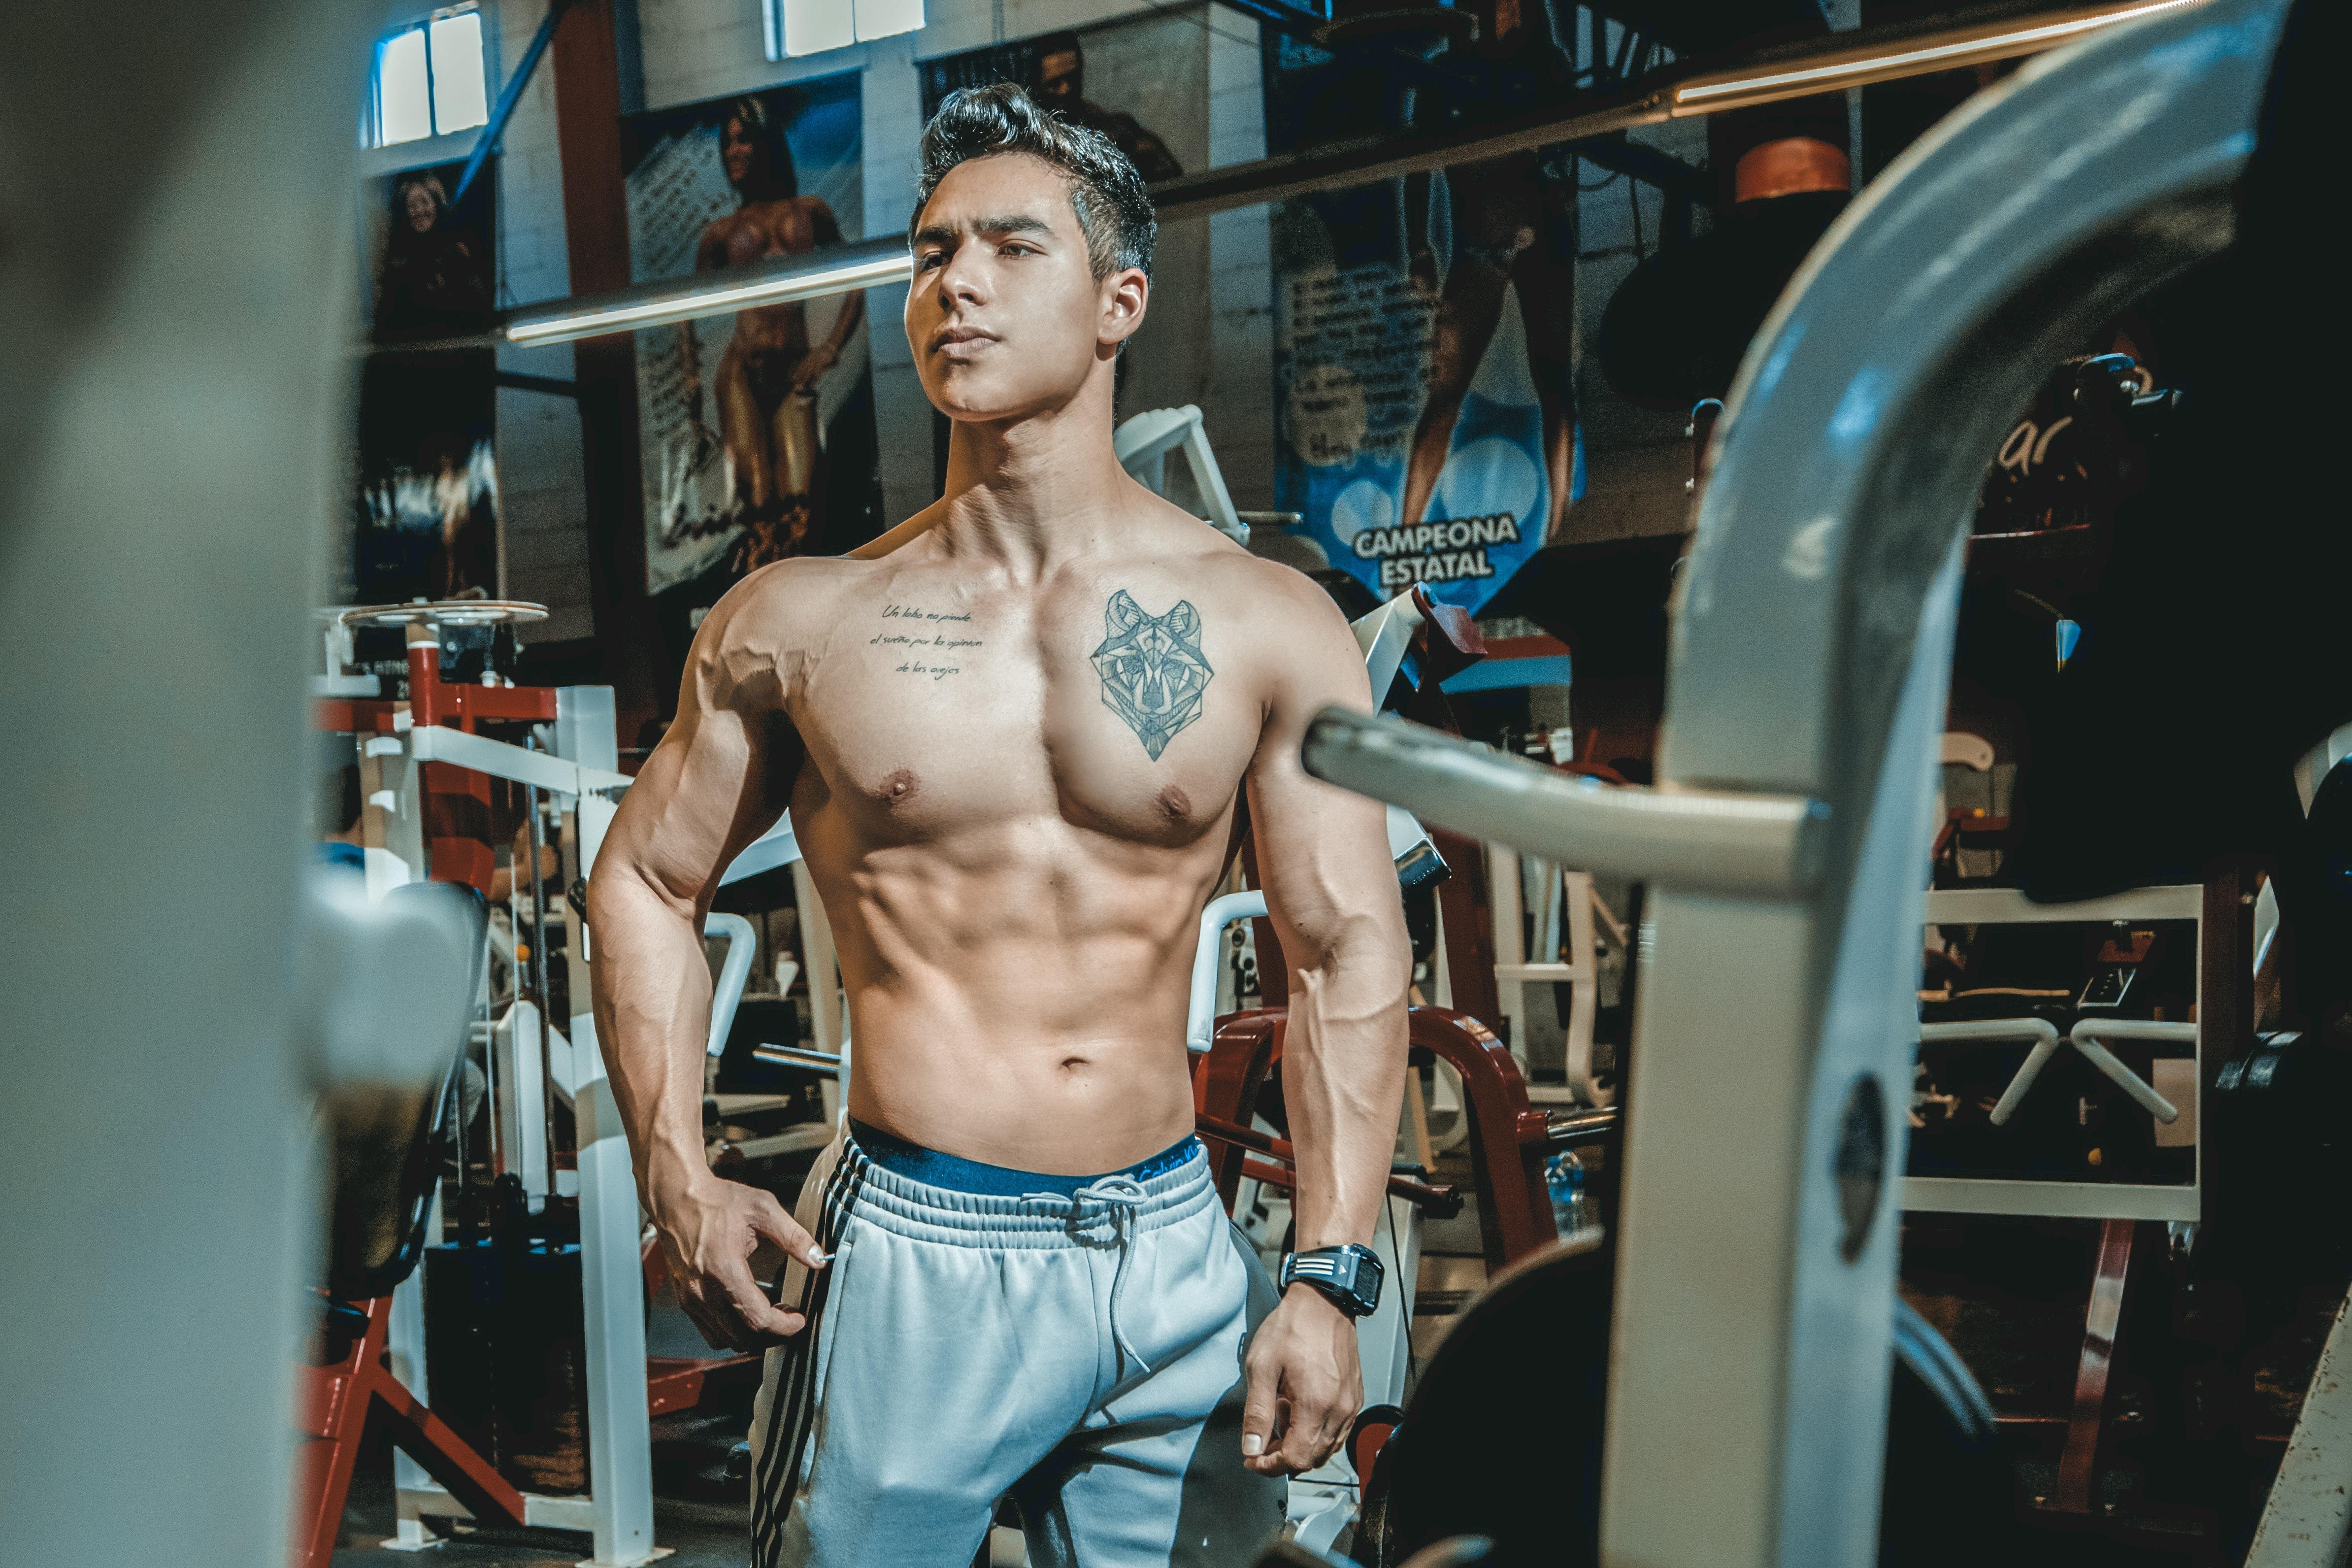 Darmowe Zdjęcia Kulturystyka Zdatność Model Fitness